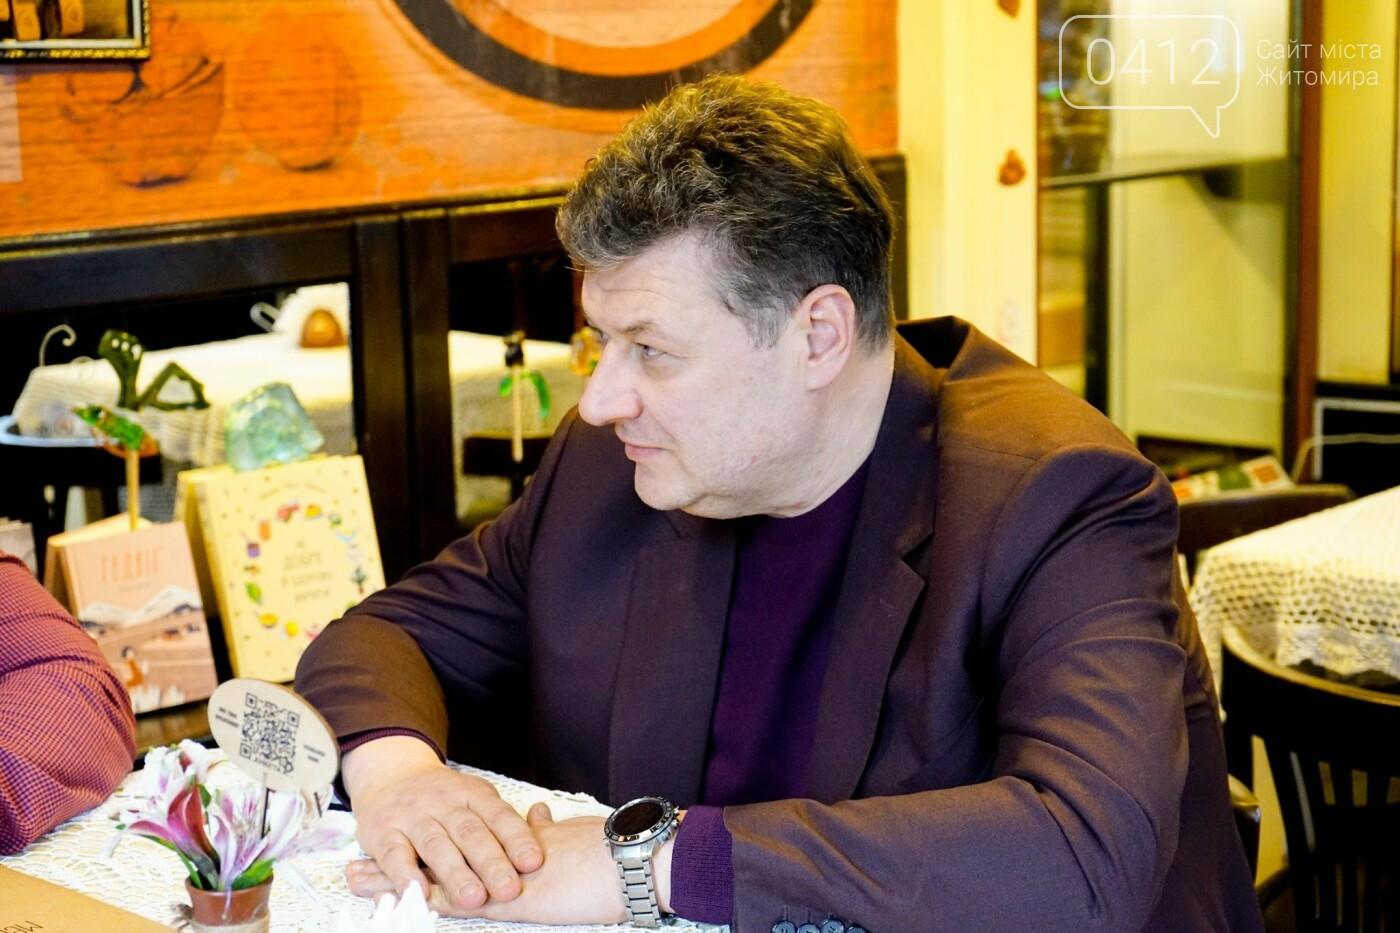 Рідних Героїв Небесної Сотні Житомирщини відвідав Віталій Бунечко, фото-2